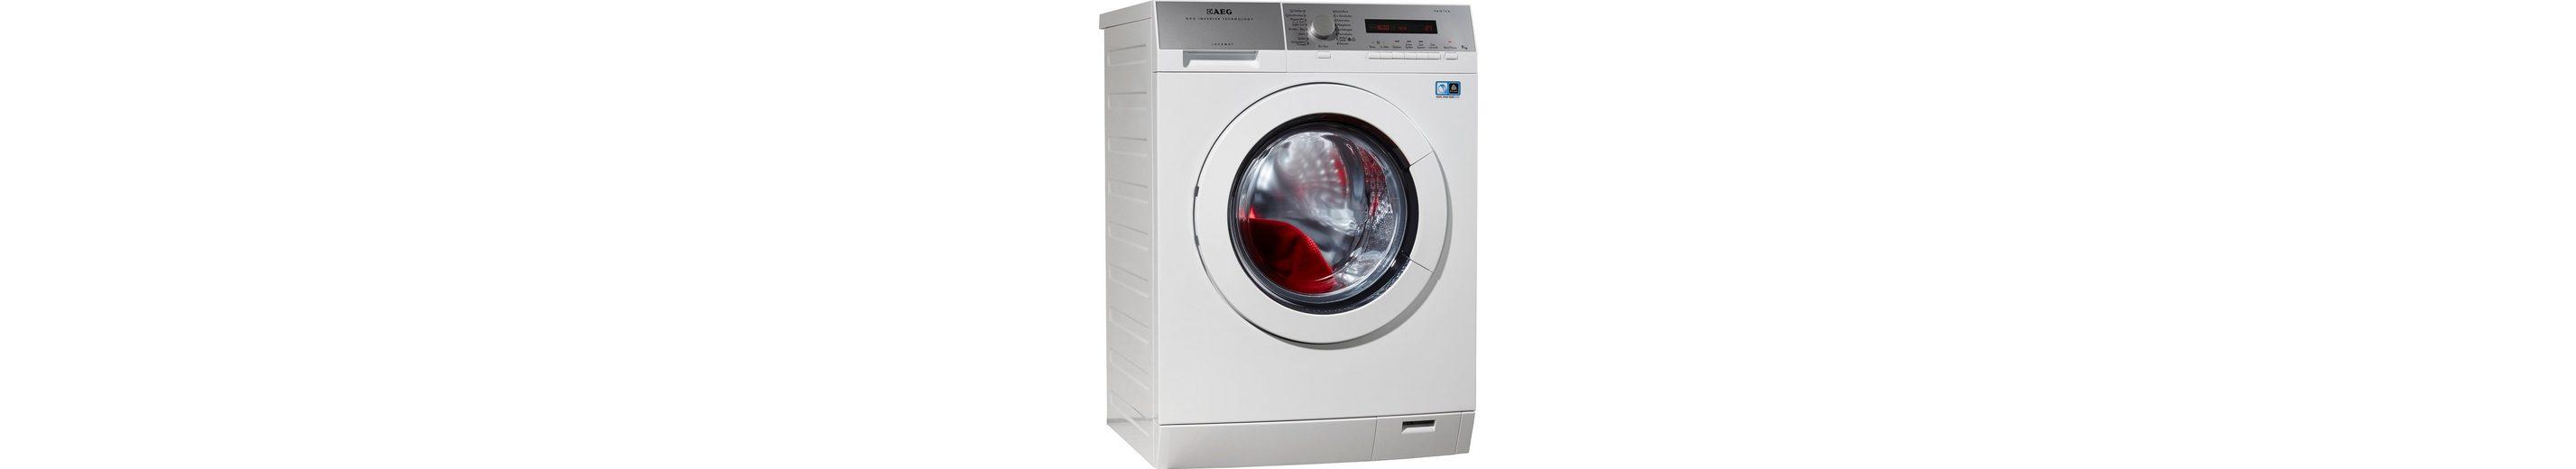 AEG Waschmaschine LAVAMAT L77695PFL, A+++, 9 kg, 1600 U/Min